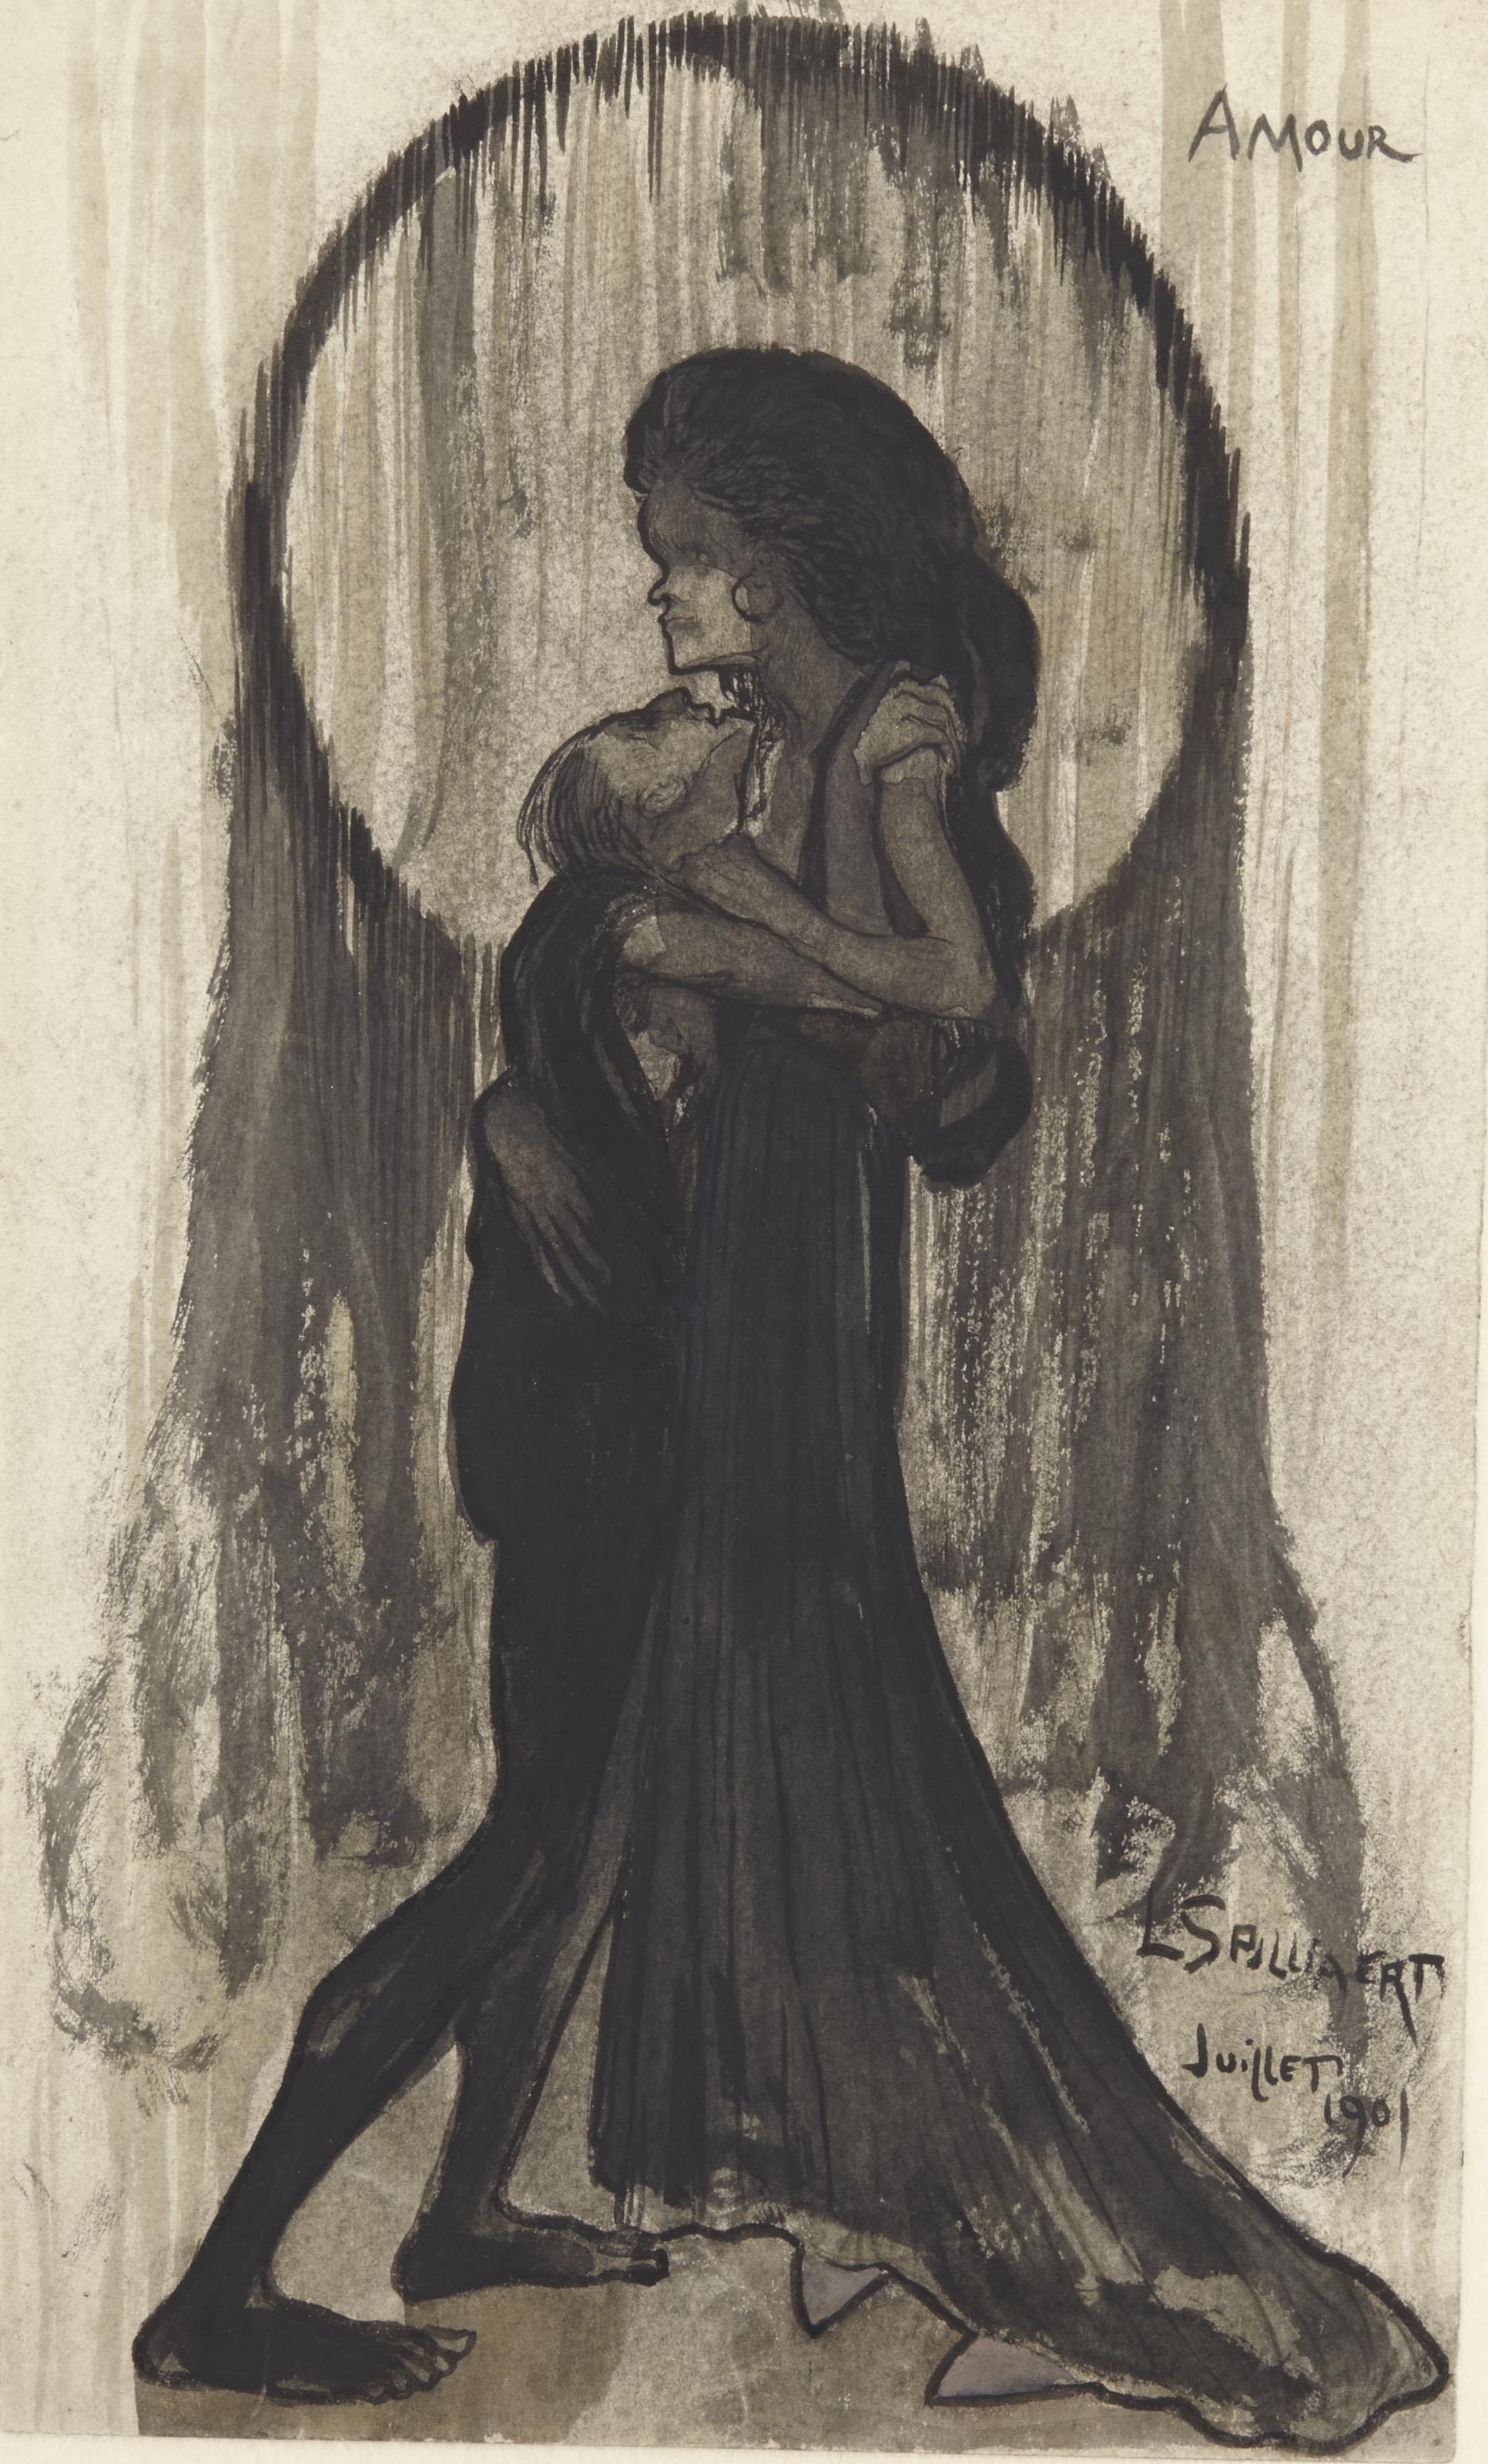 Spilliaert, Léon (1881-1946)